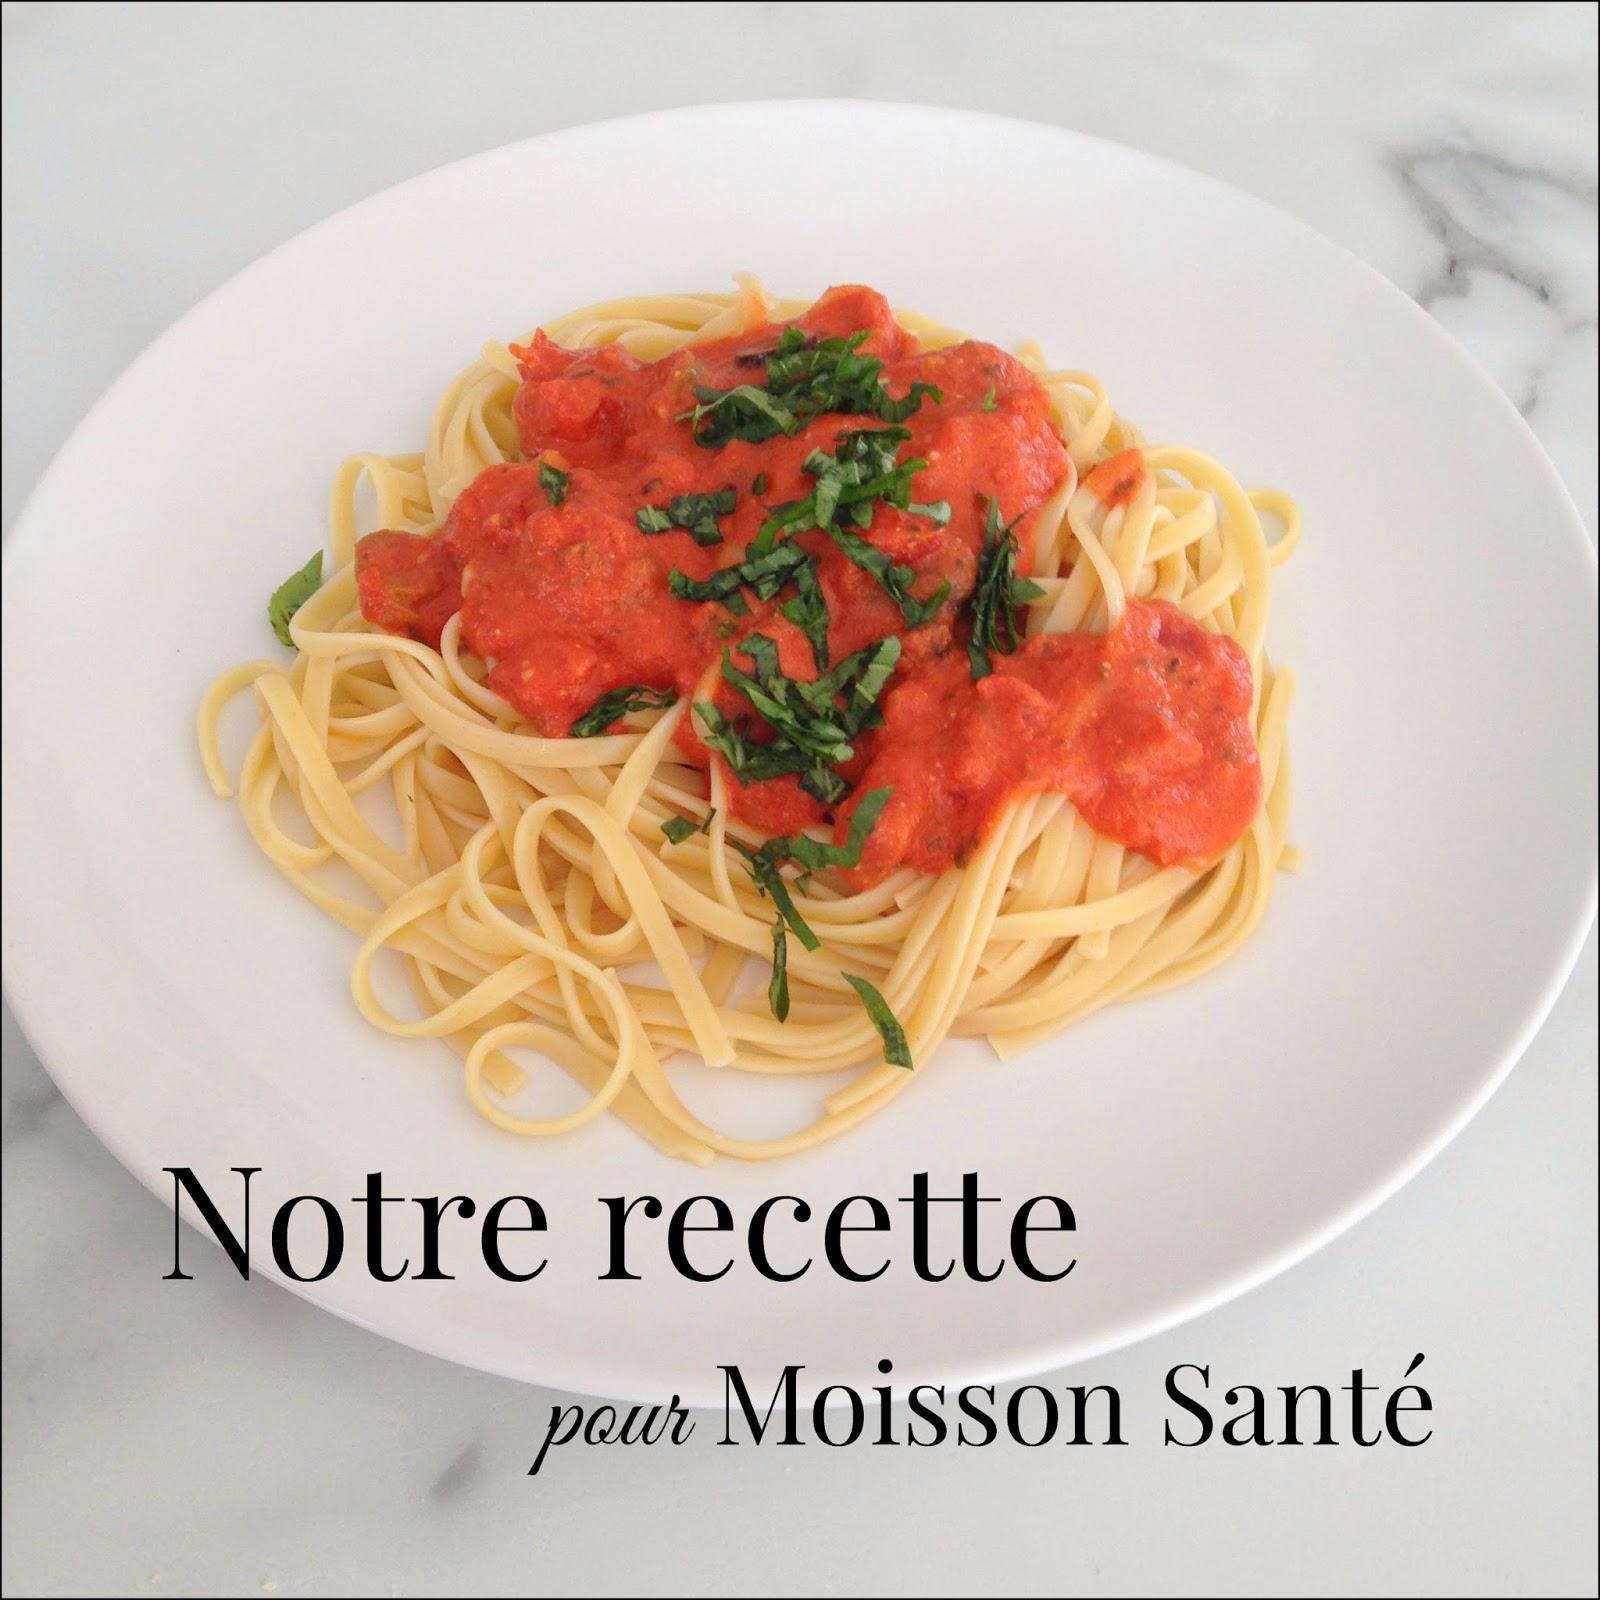 Il y a quelques semaines, Moisson Santé nous a remis un pot de sauce pour  pâtes afin d\u0027élaborer une recette fraîche. Il s\u0027agissait de la sauce «Olive